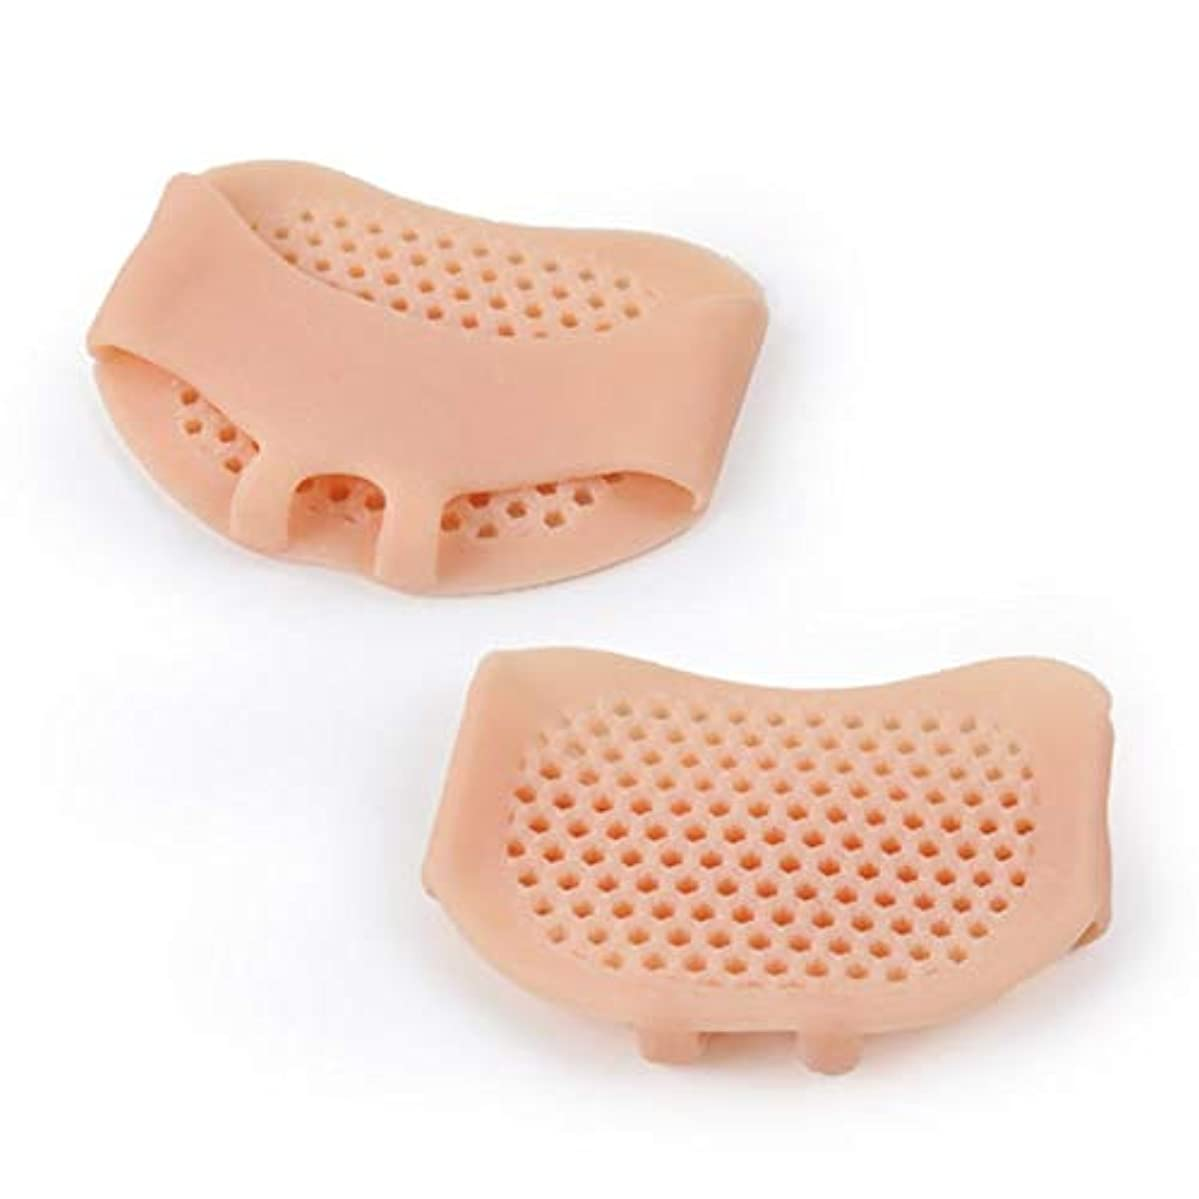 承認音ホバート通気性ソフトシリコン女性インソールパッド滑り止め快適な女性フロントフットケアクッションハイヒールの靴パッド - 肌の色